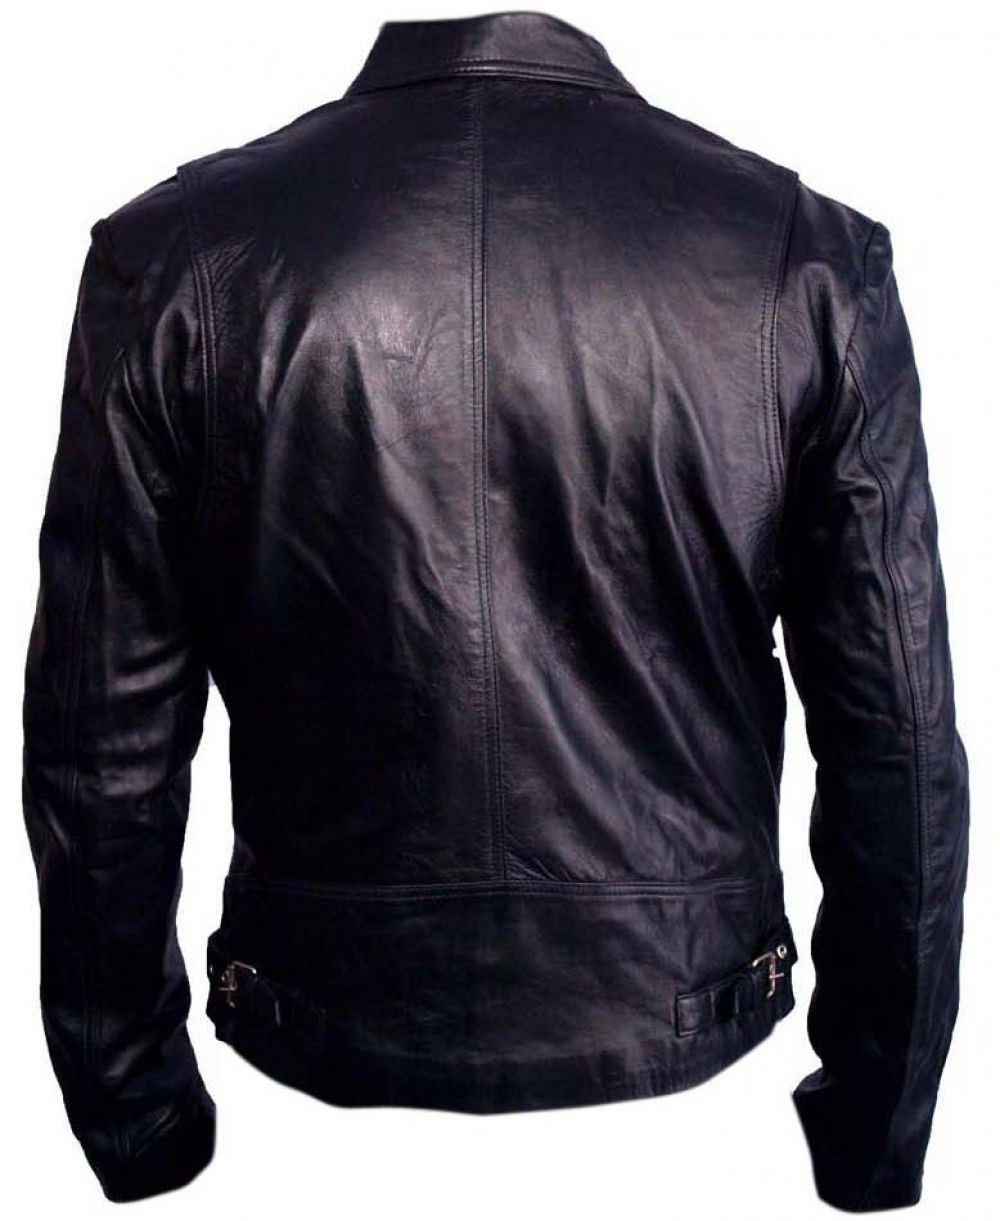 Leather jacket italy - Celebrita Italy Men S Biker Stylish Design Leather Jacket Various Leather Sizes Ebay